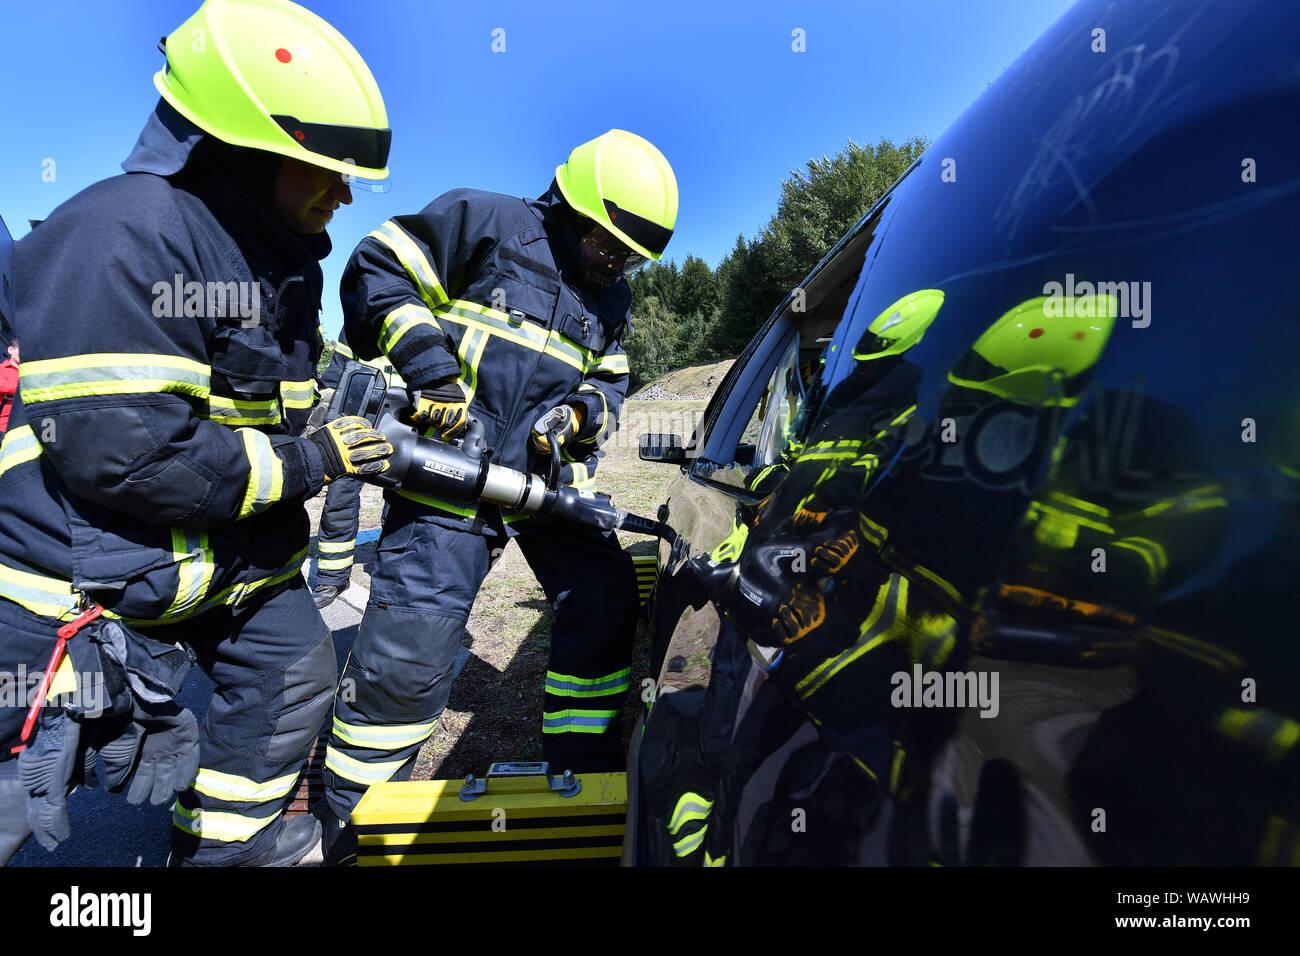 Fire Brigade Uniform Stock Photos & Fire Brigade Uniform